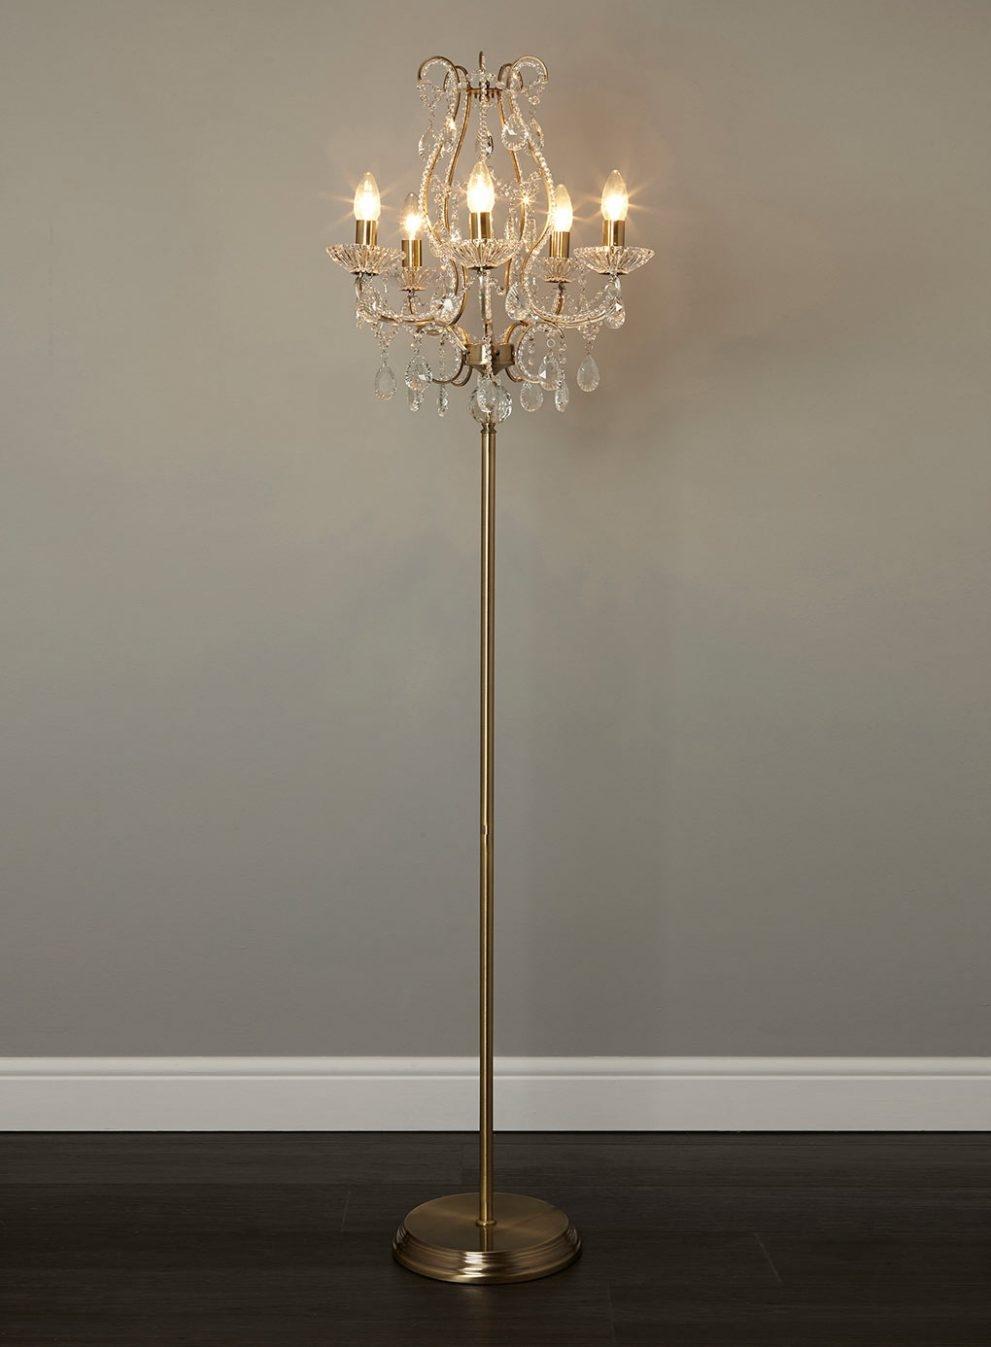 Chandelier Floor Lamps Uk Images Home Furniture Ideas With Regard To Standing Chandelier Floor Lamps (Image 2 of 25)